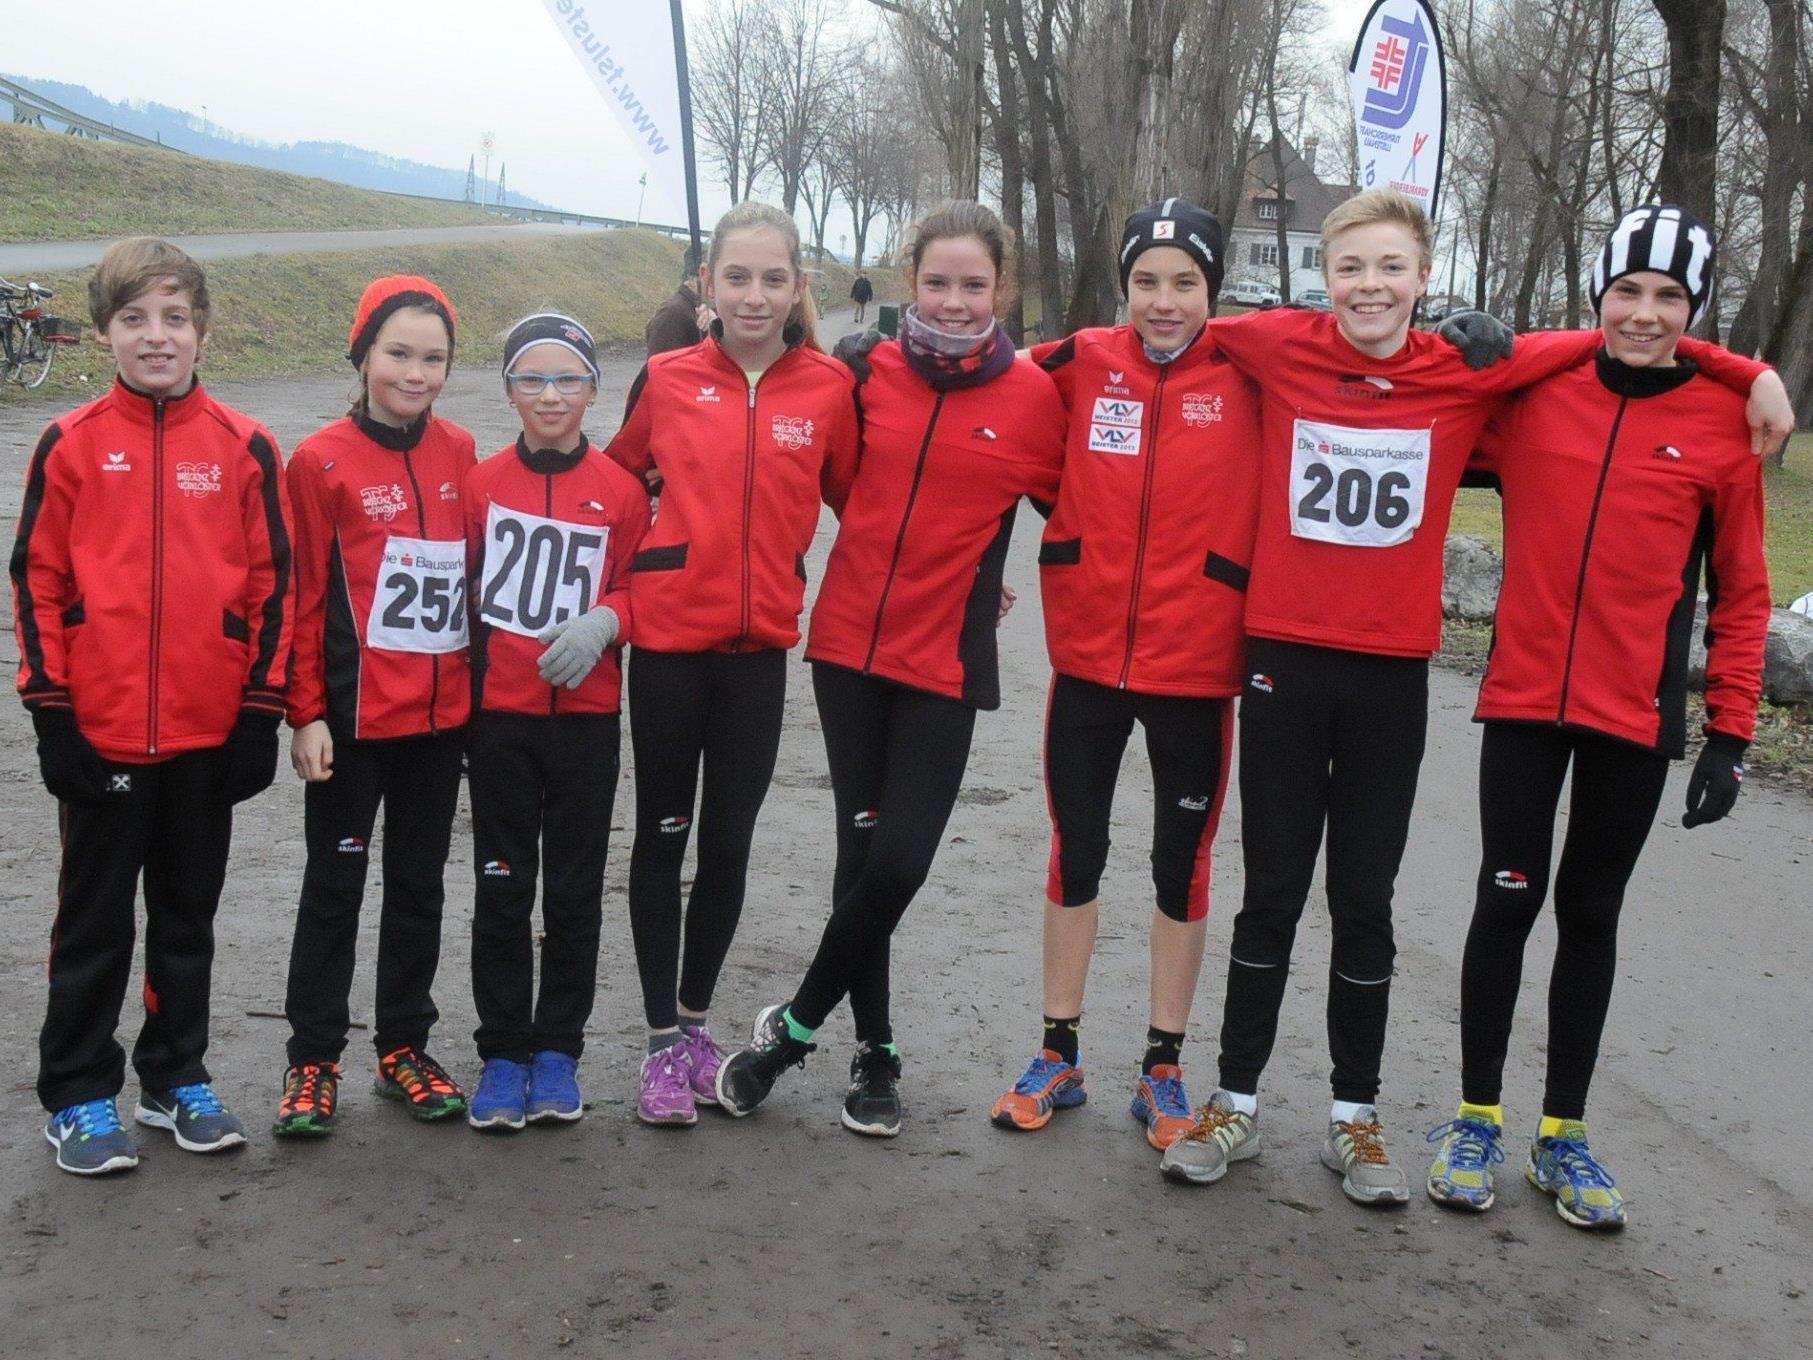 Die Nachwuchs-Athleten der TS Bregenz-Vorkloster nahmen erfolgreich an der Lustenauer Crosslaufserie teil.